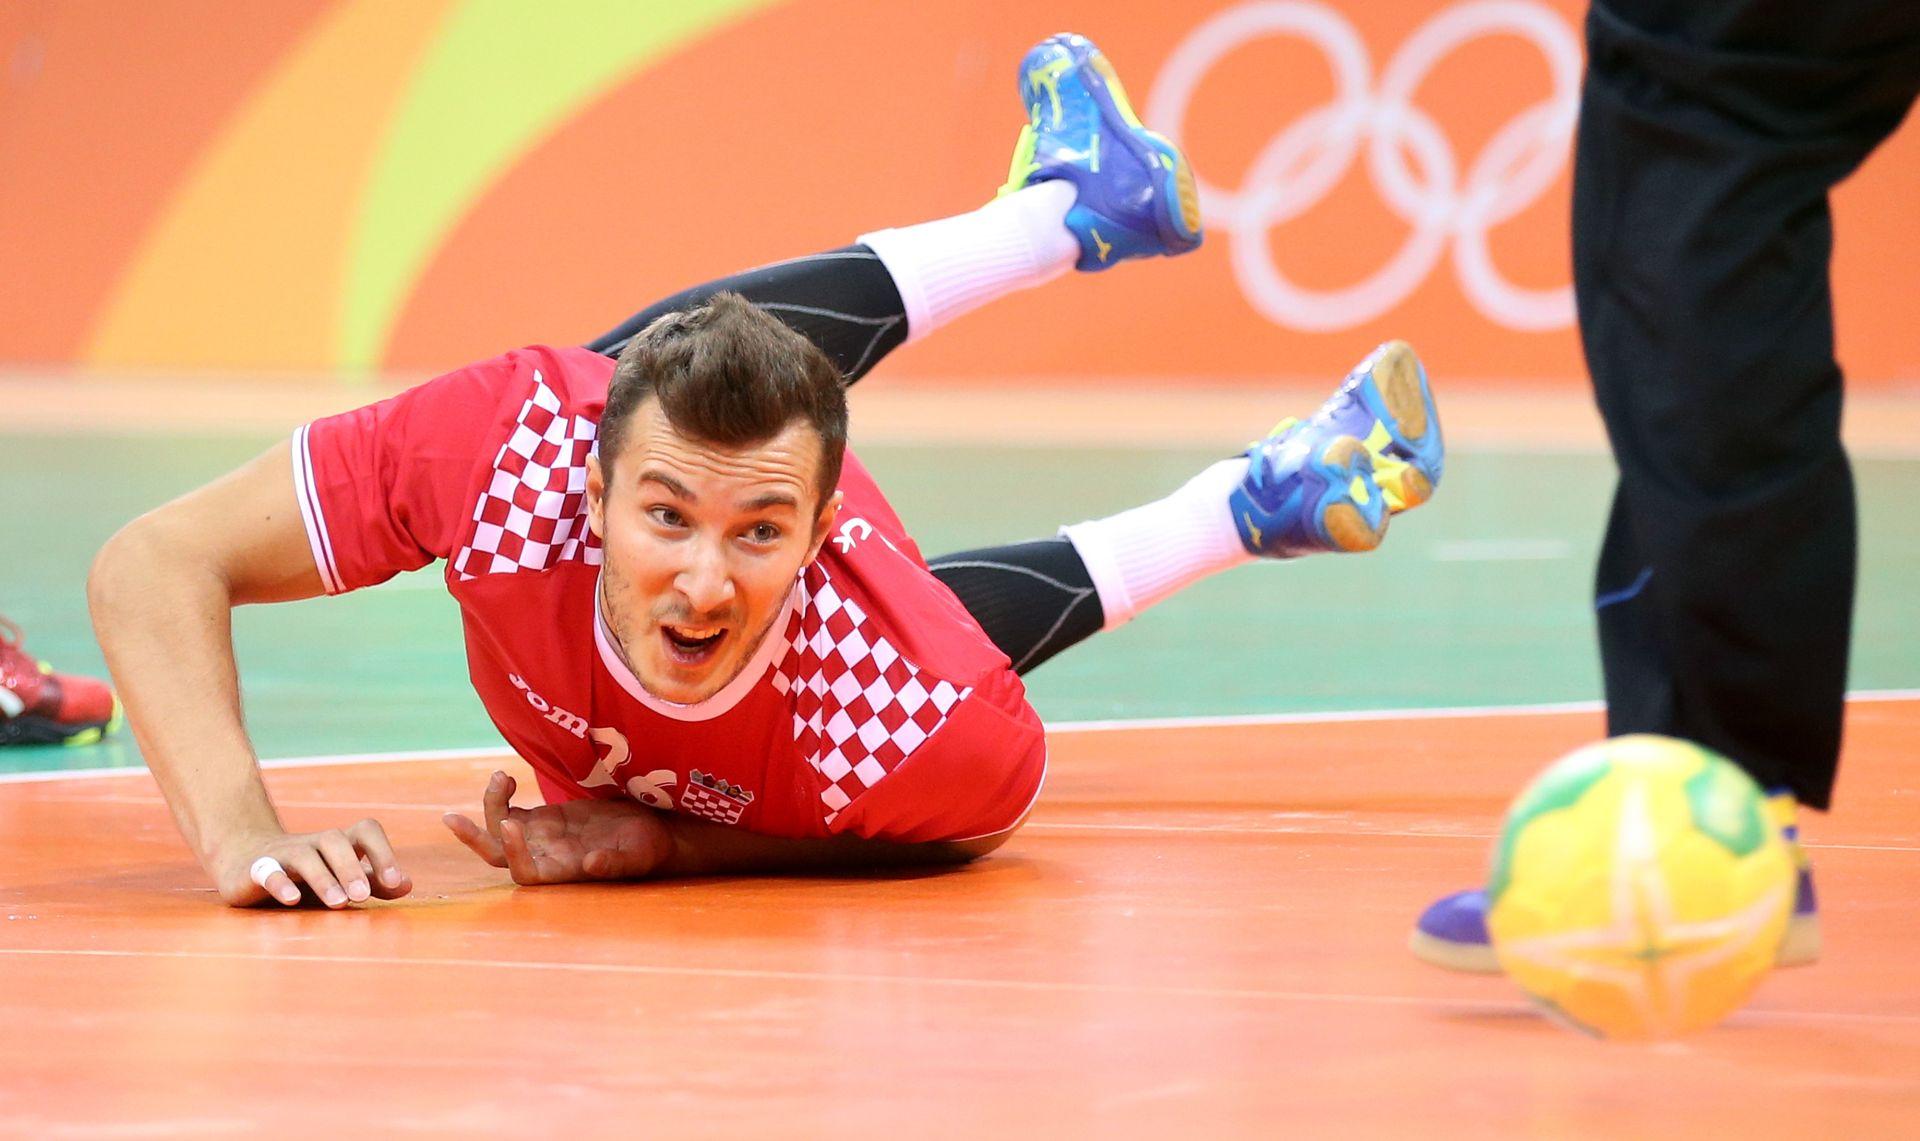 OI RUKOMET Debakl na početku, Katar ostavio Hrvatsku na -7